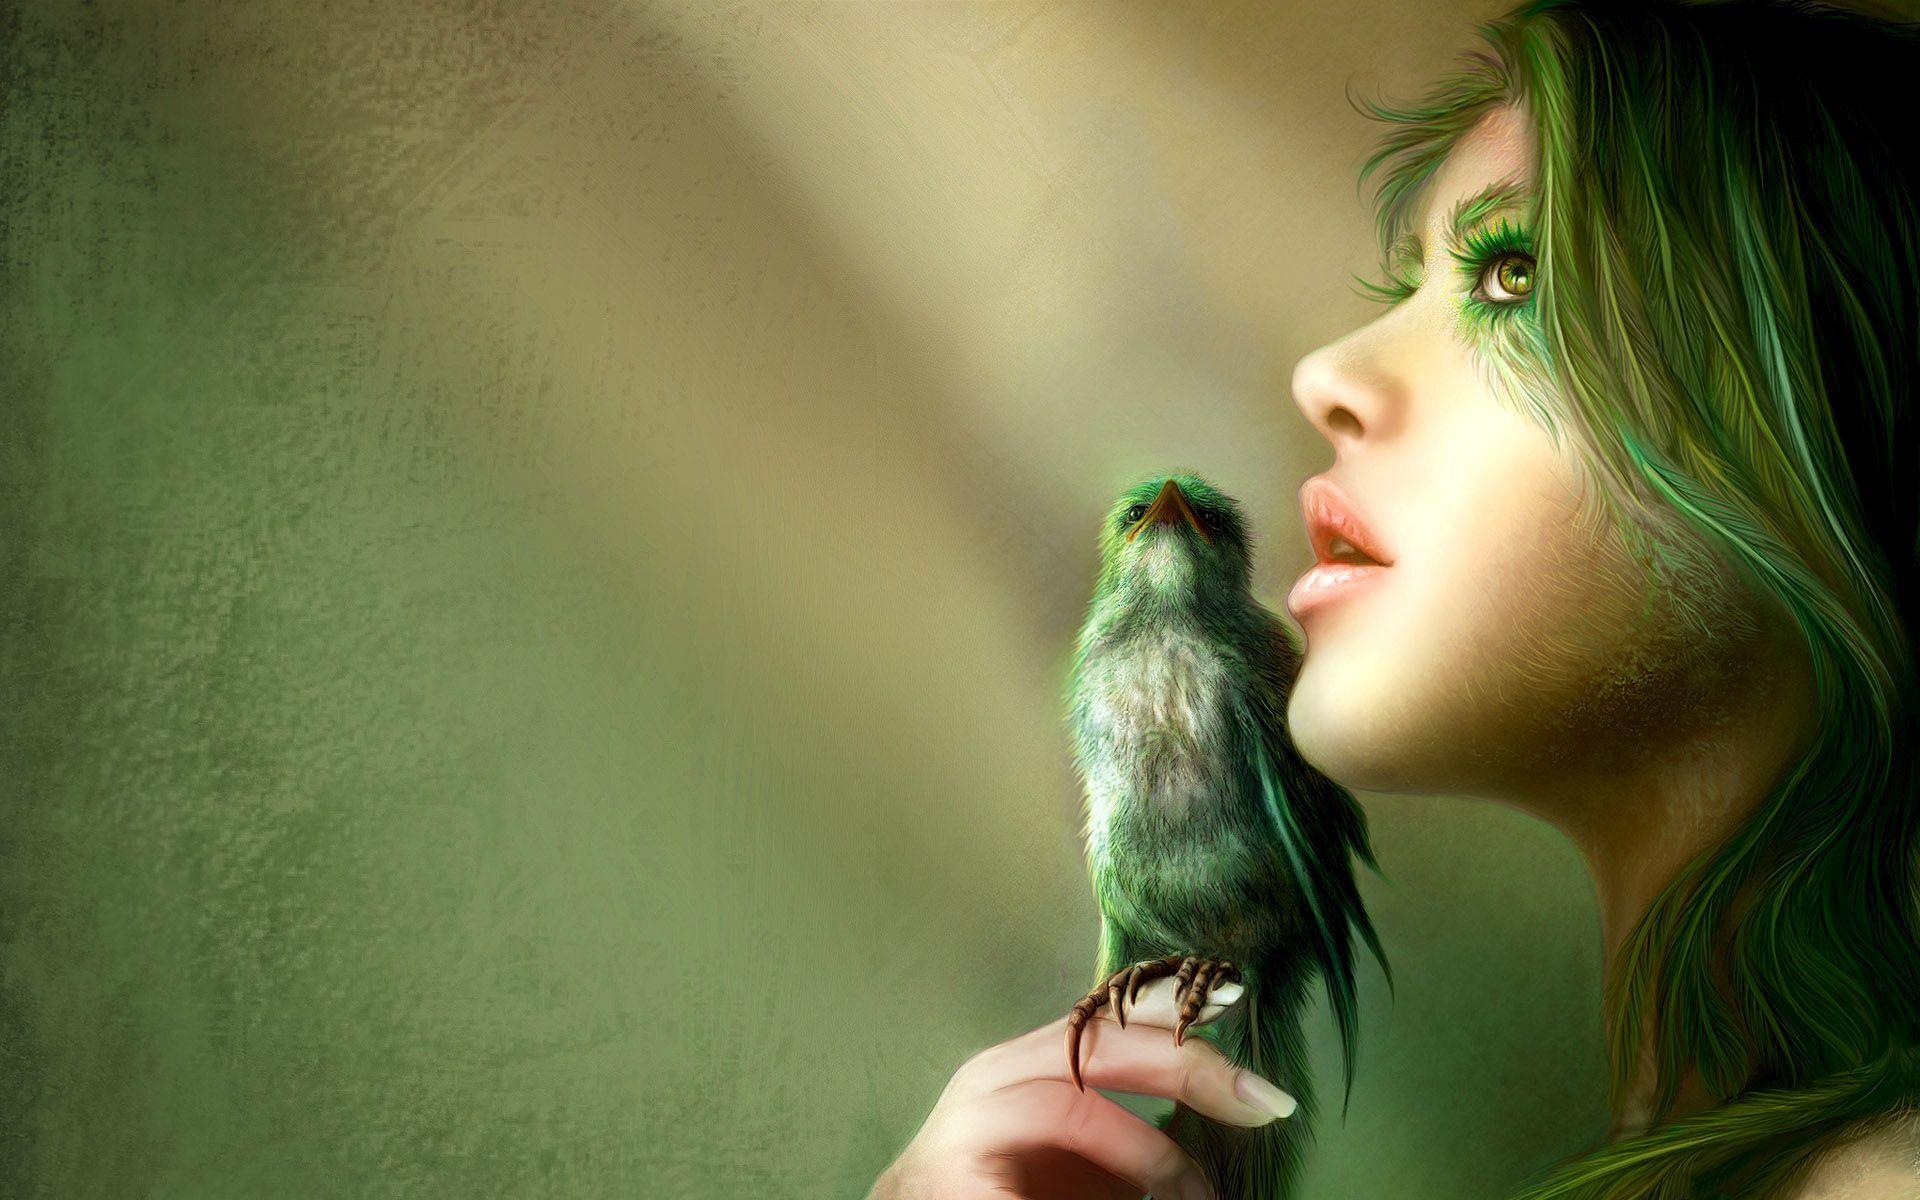 79490 скачать обои Фэнтези, Девушка, Взгляд, Птица, Волосы, Лицо - заставки и картинки бесплатно